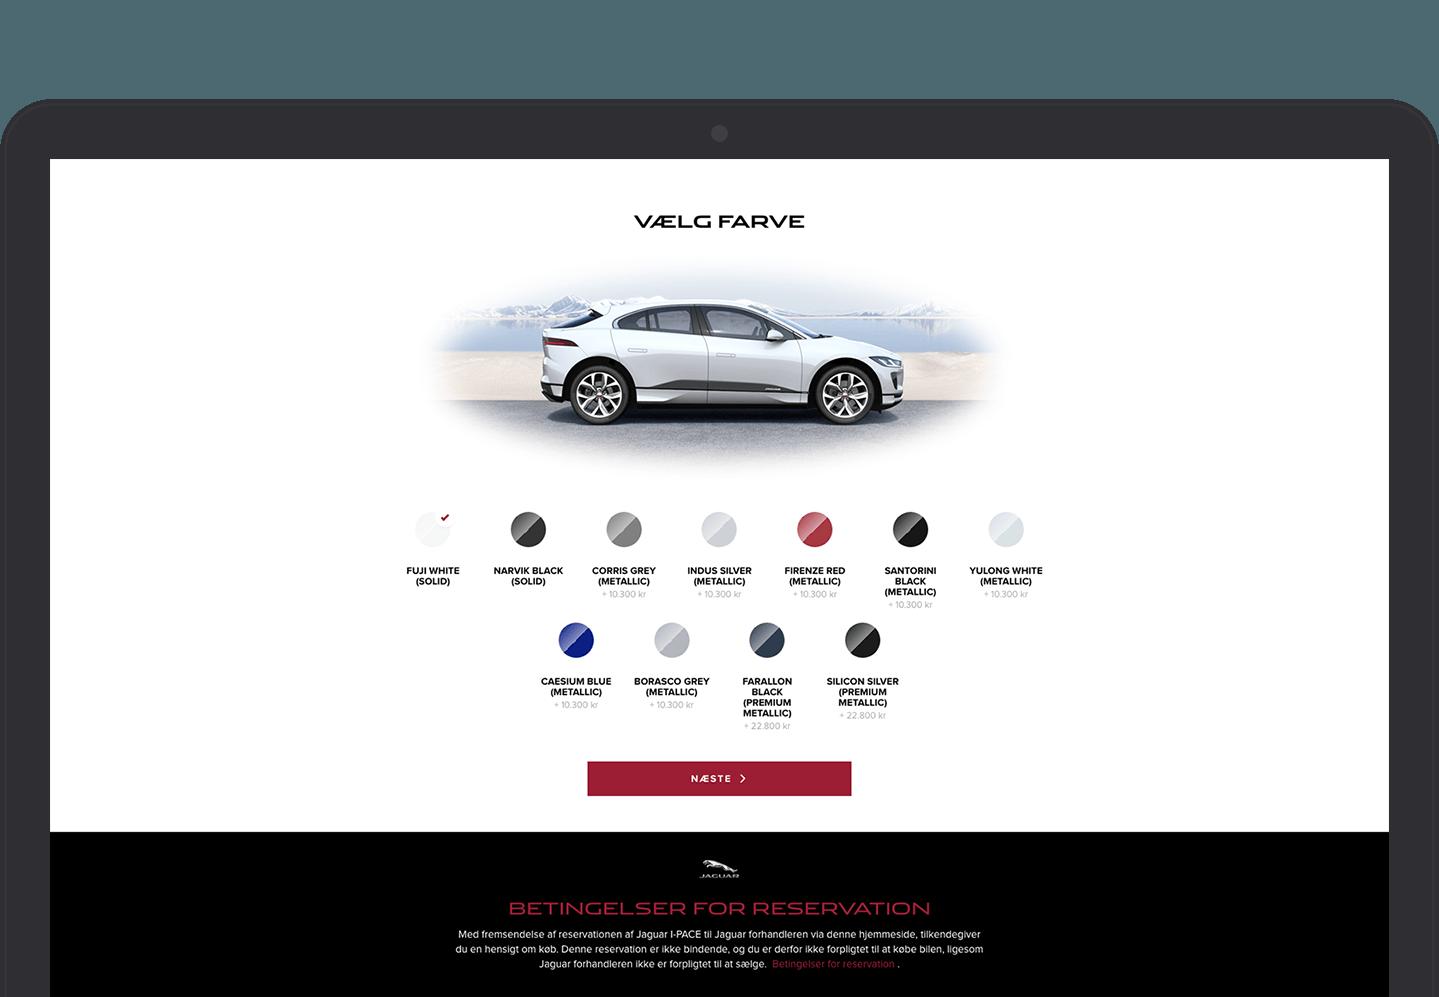 Jaguar eCommerce site